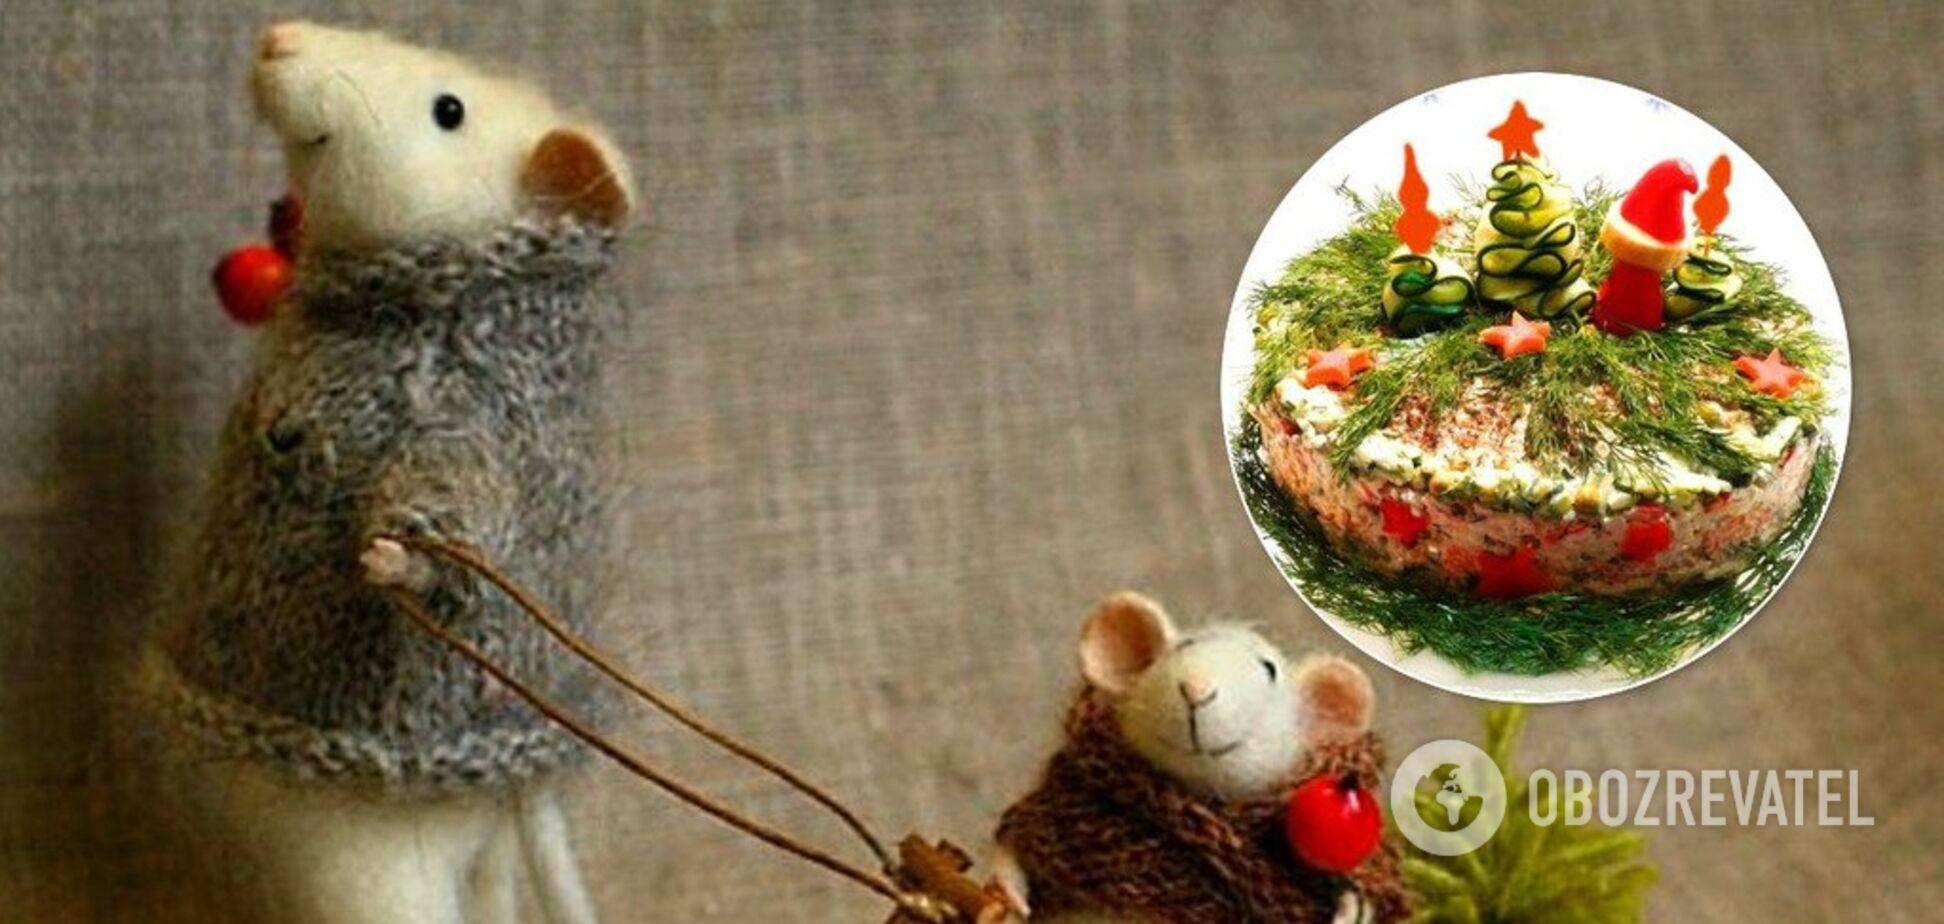 В чем встречать год Крысы: маг озвучил рекомендации